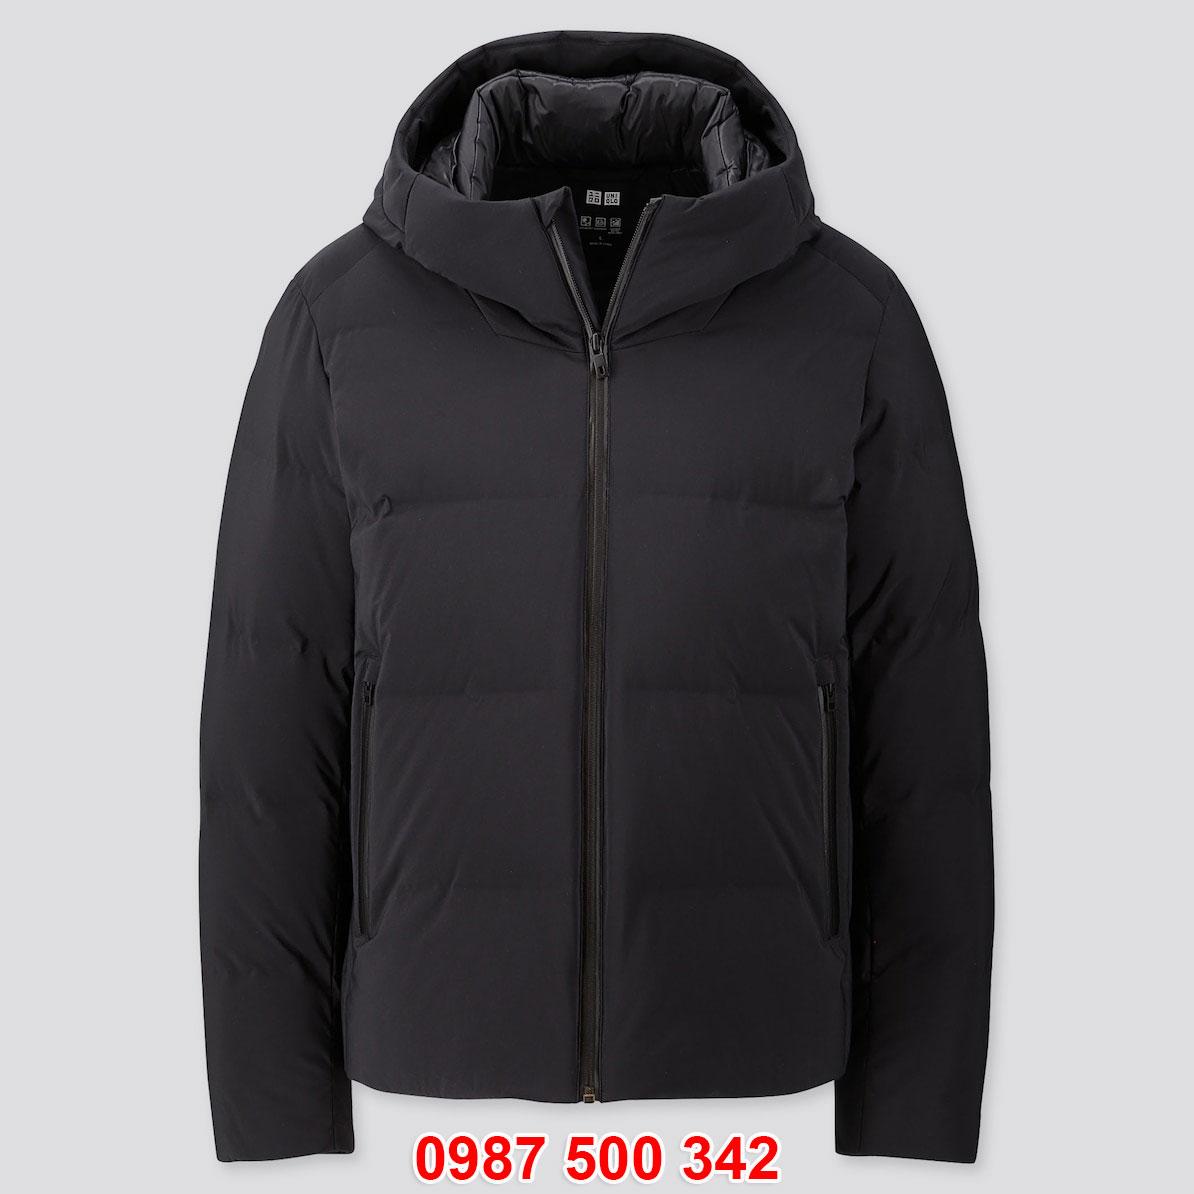 Áo phao lông vũ nam Uniqlo đại hàn dáng ngắn màu đen 09 BLACK 419989